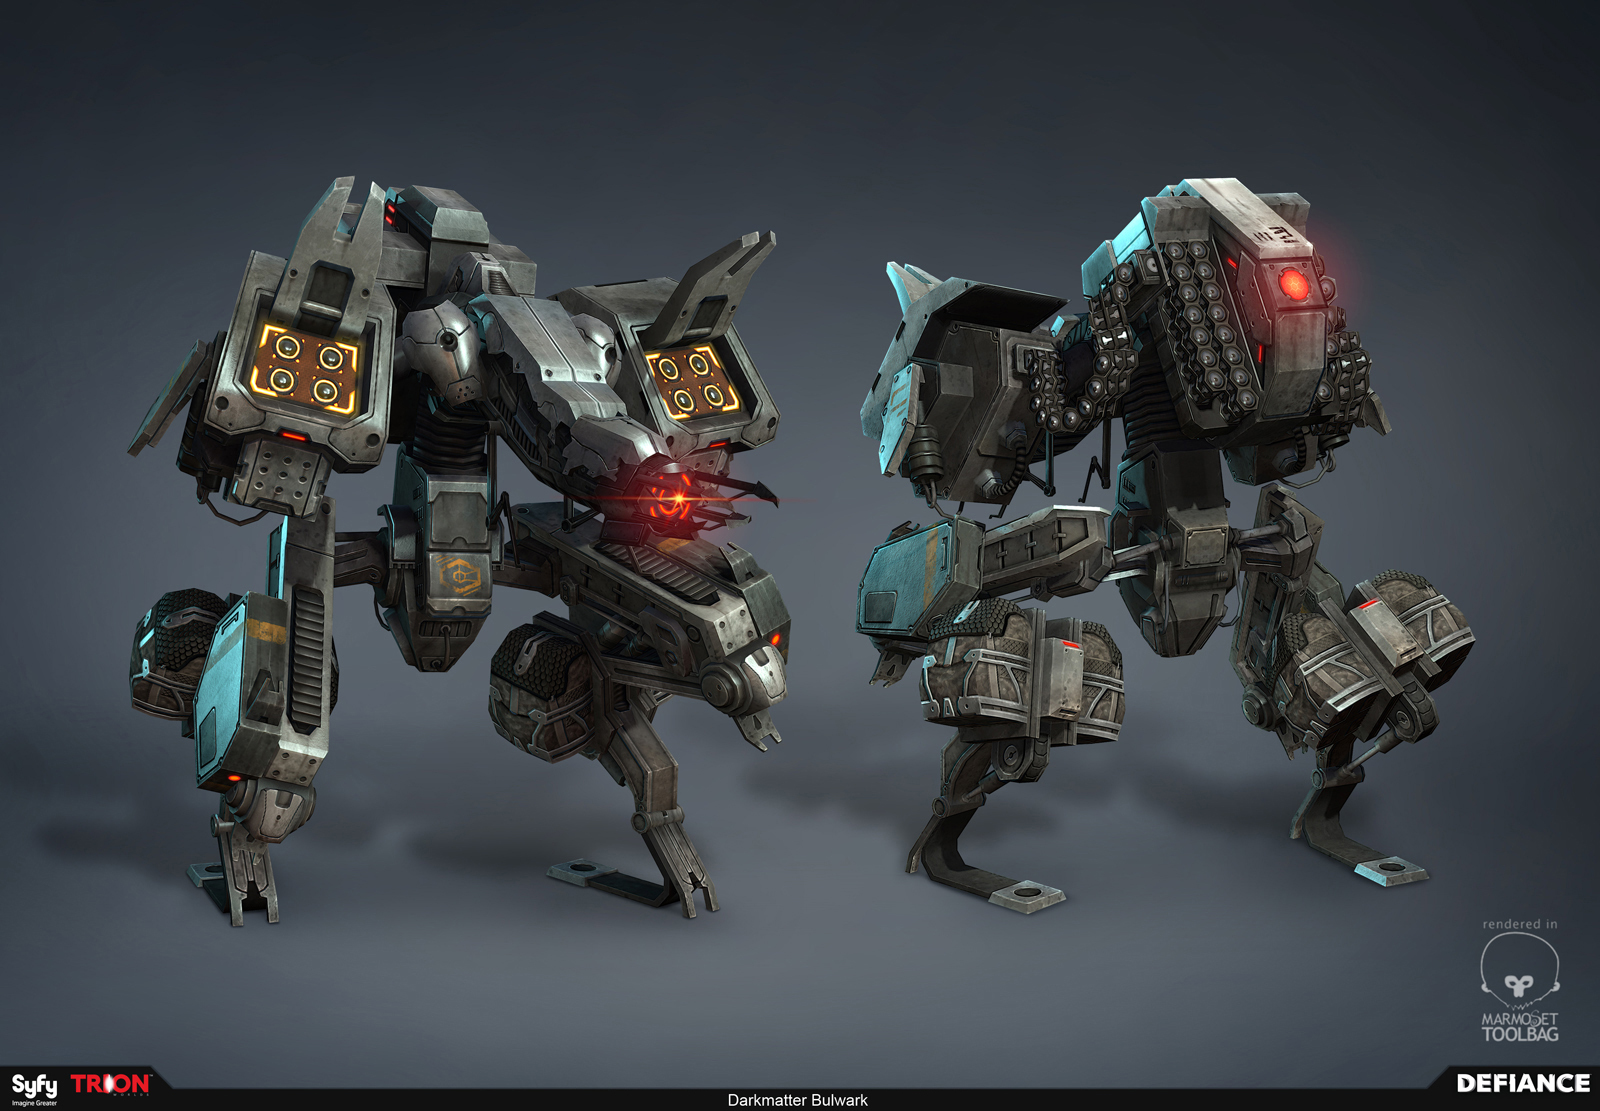 Defiance - Darkmatter Bulwark Mech